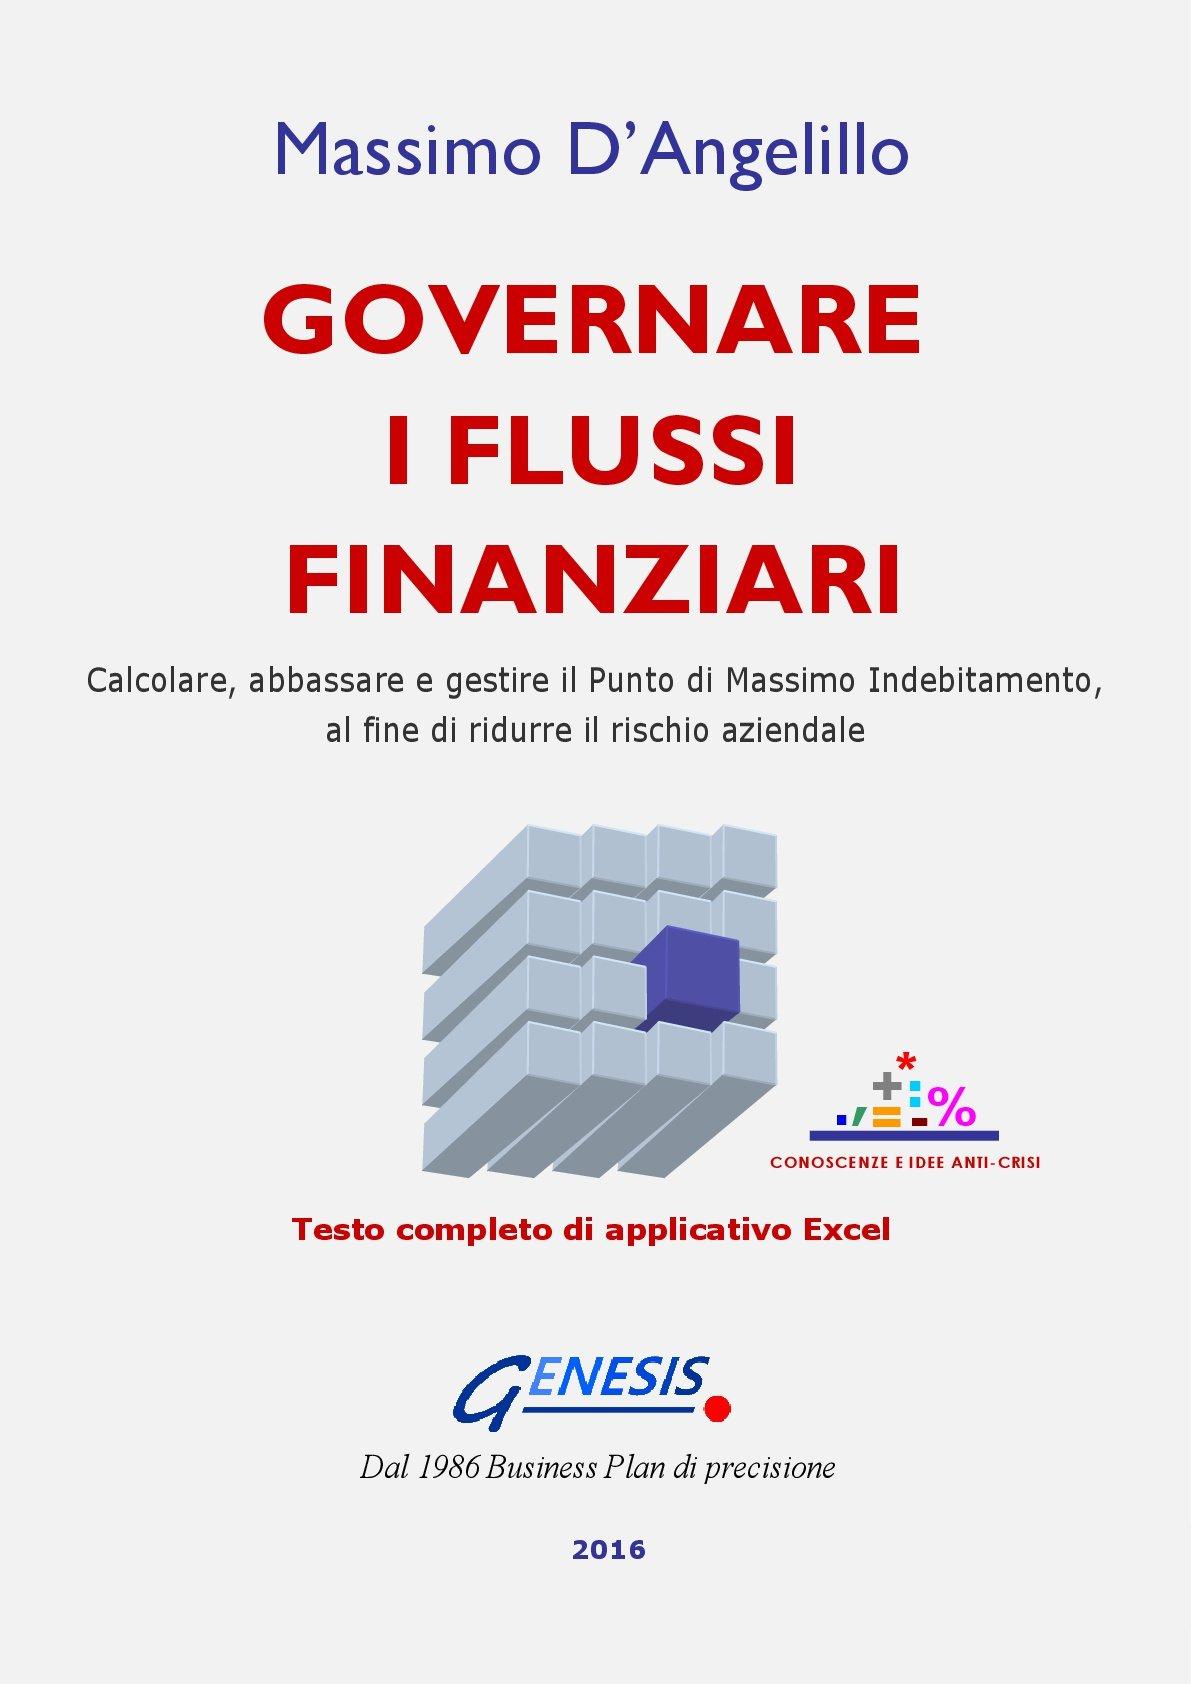 Governare-flussi-finanziari